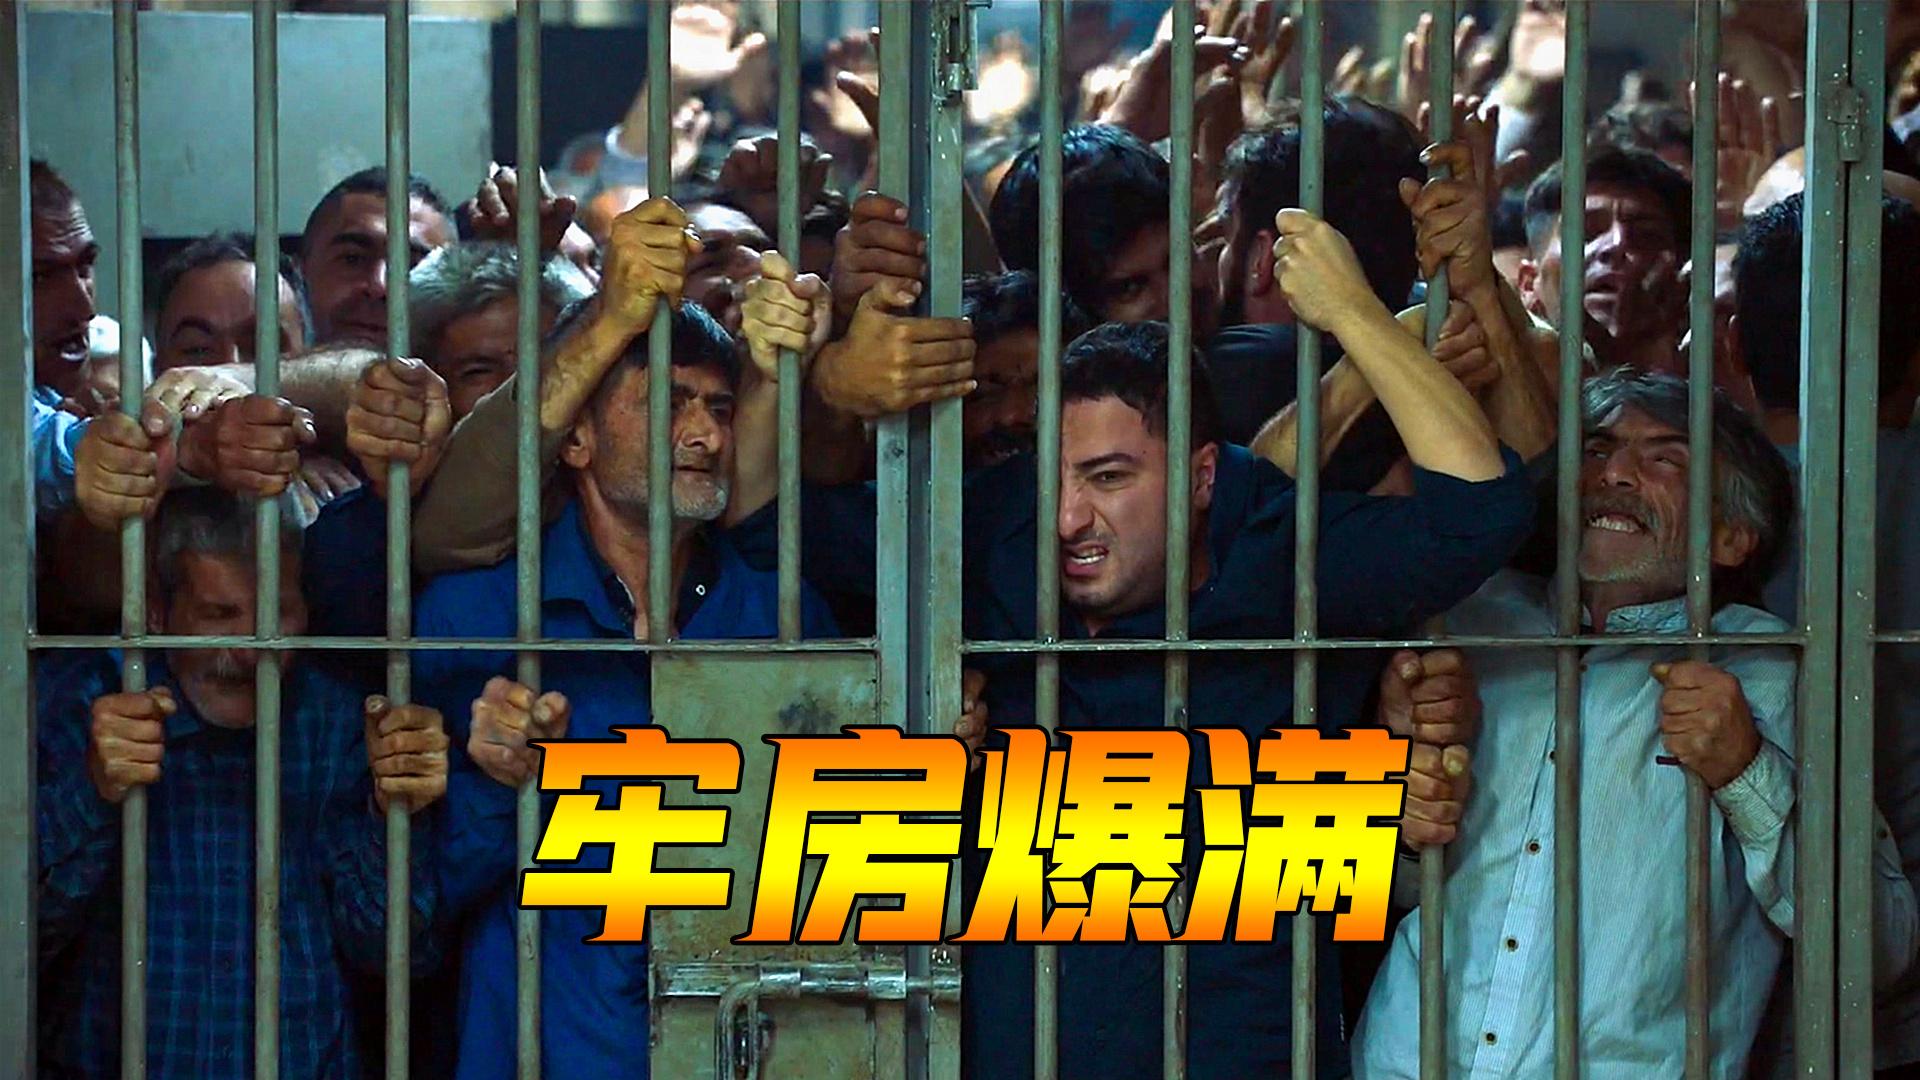 警察突袭贫民窟后,牢房爆满,犯罪片《650万》